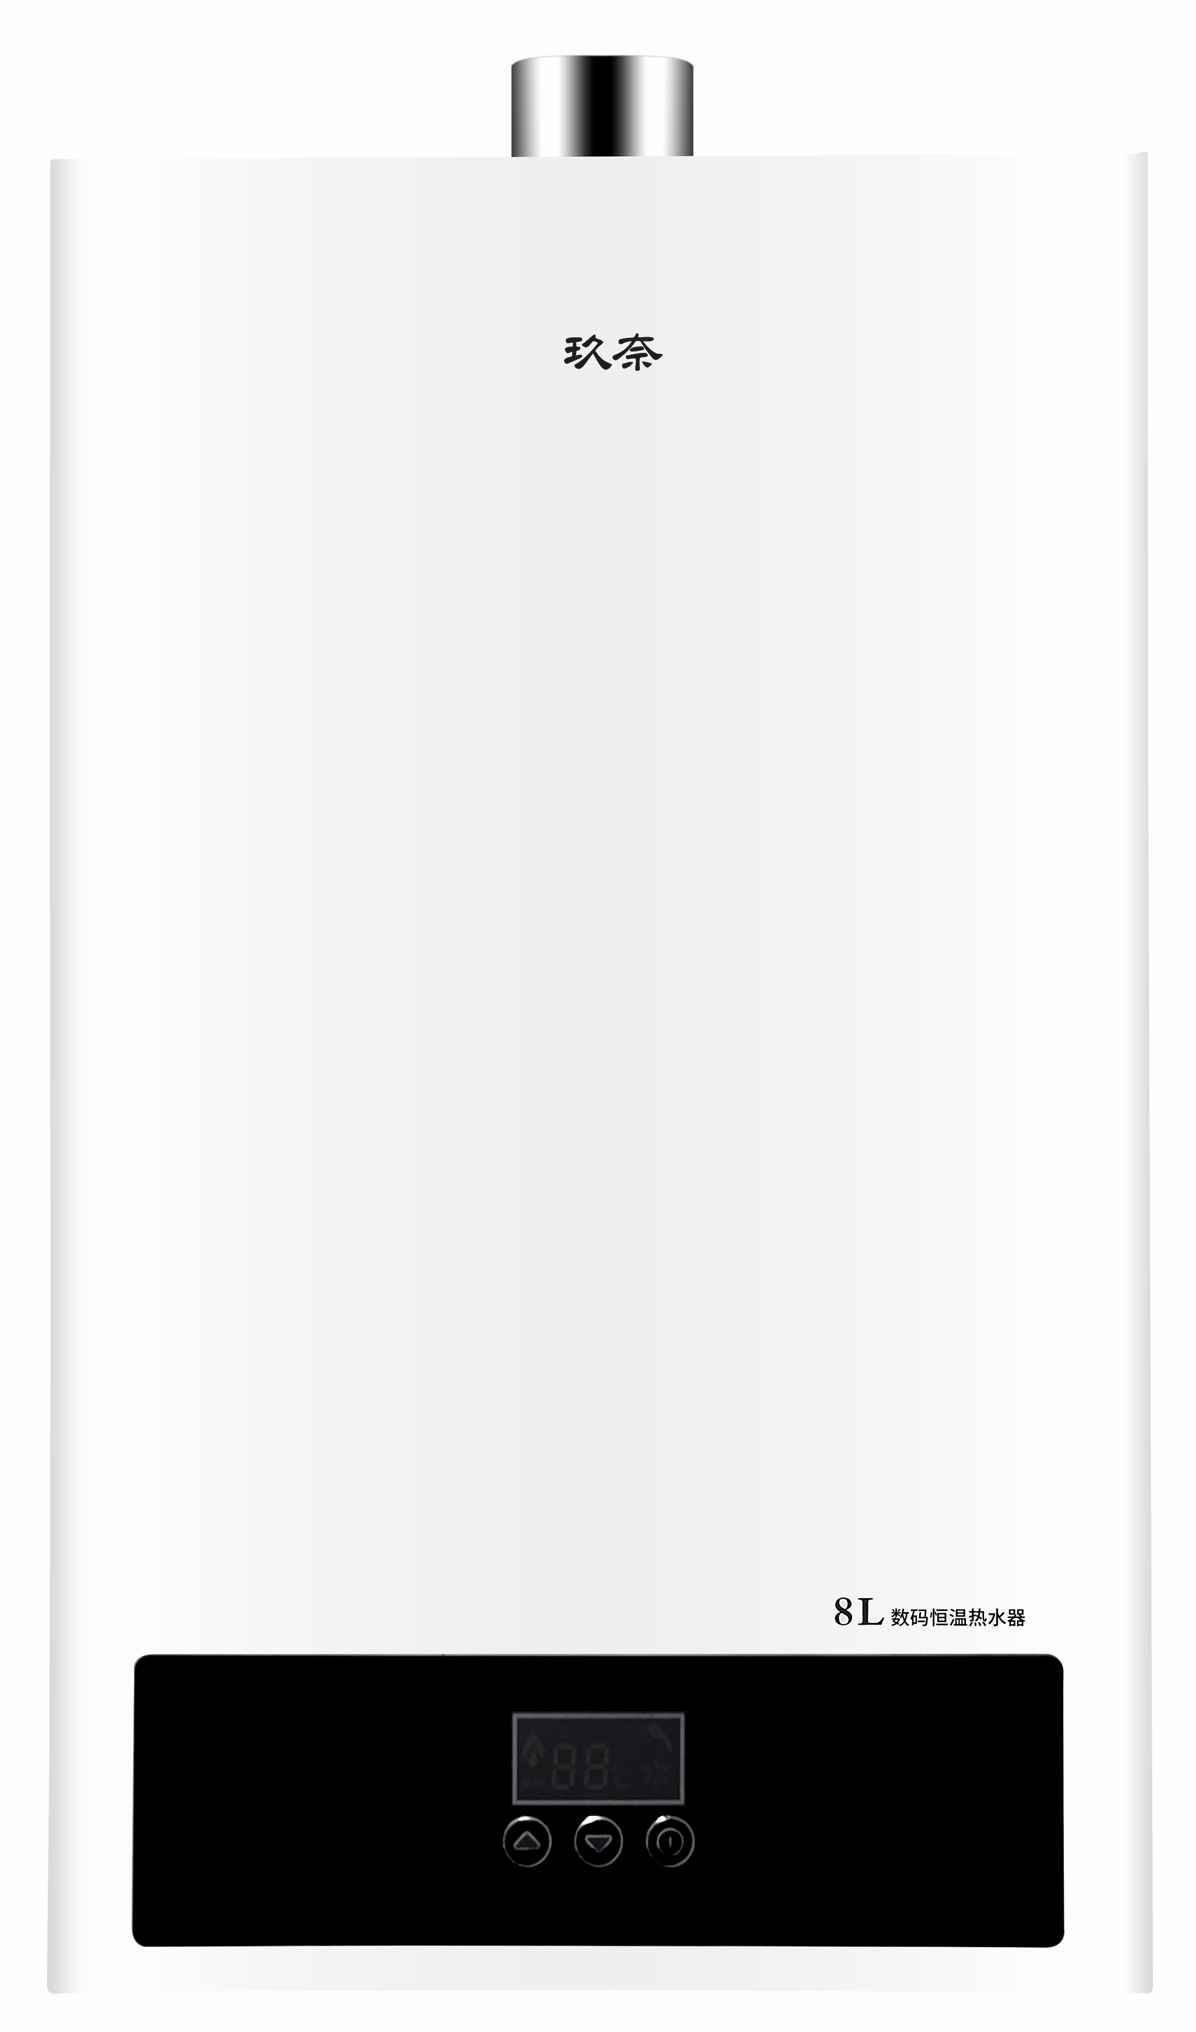 玖奈热水器E68